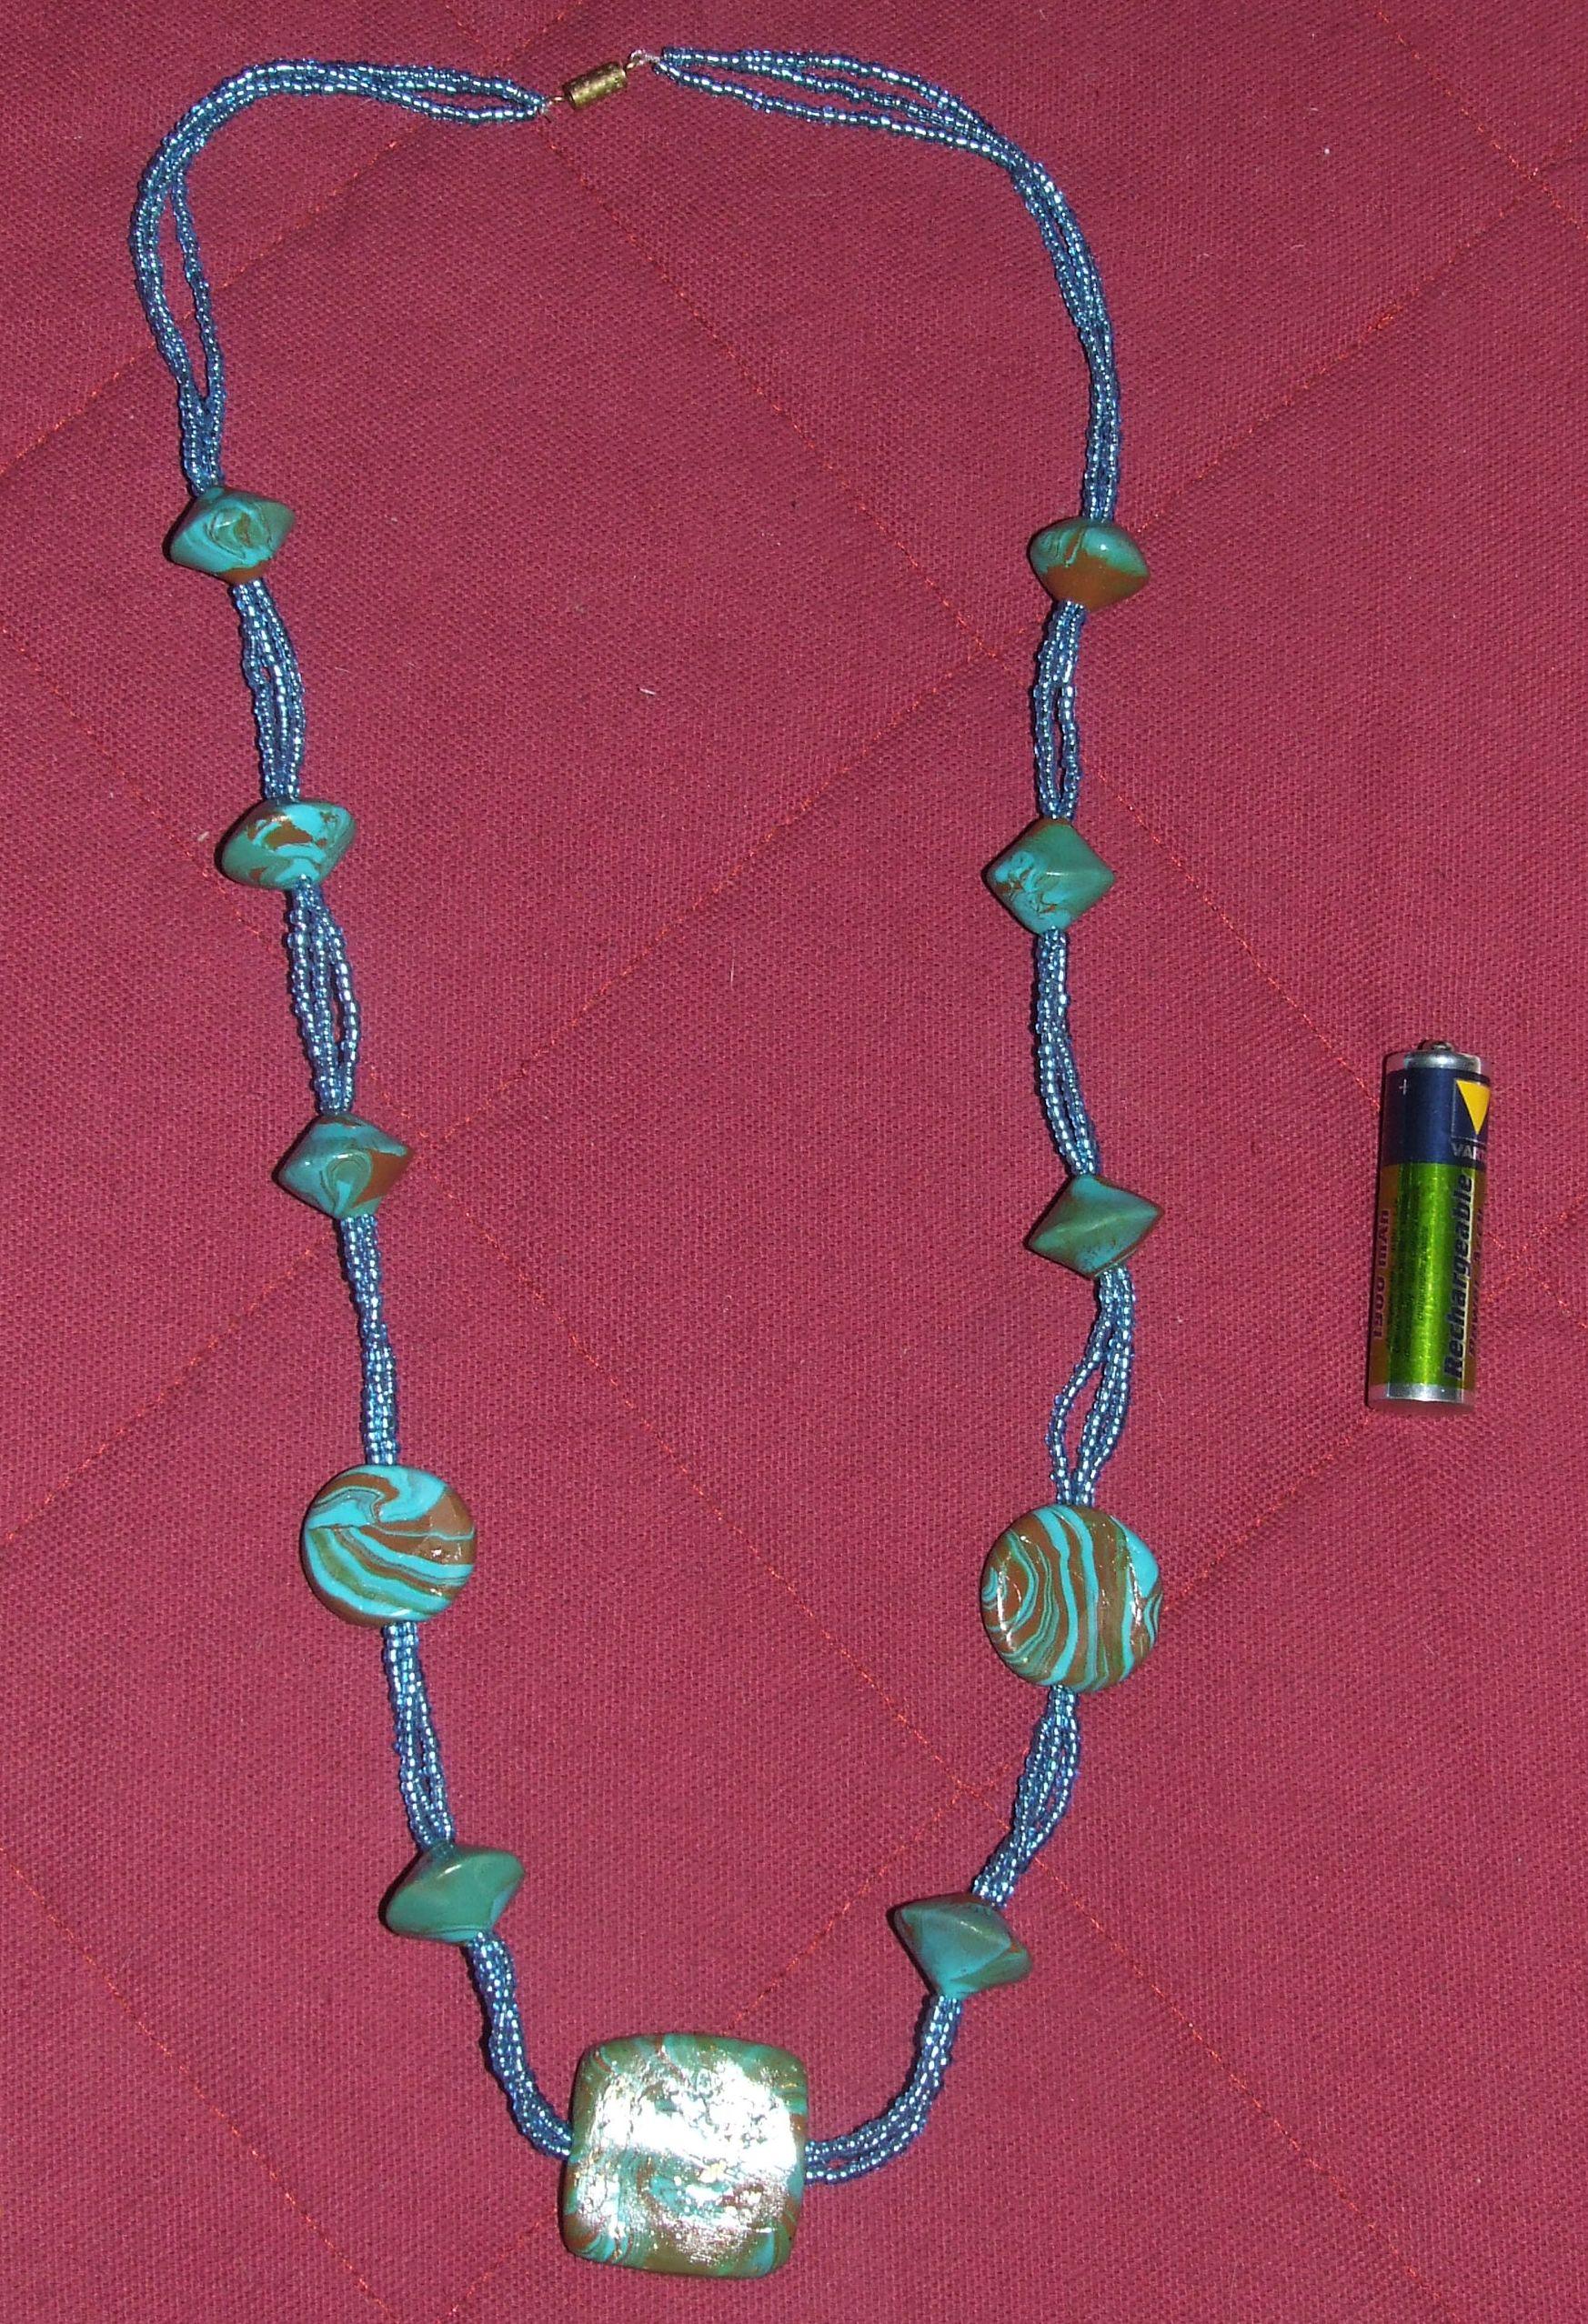 Collier3fils avec perles bleu turquoise et marron for Bleu turquoise et marron